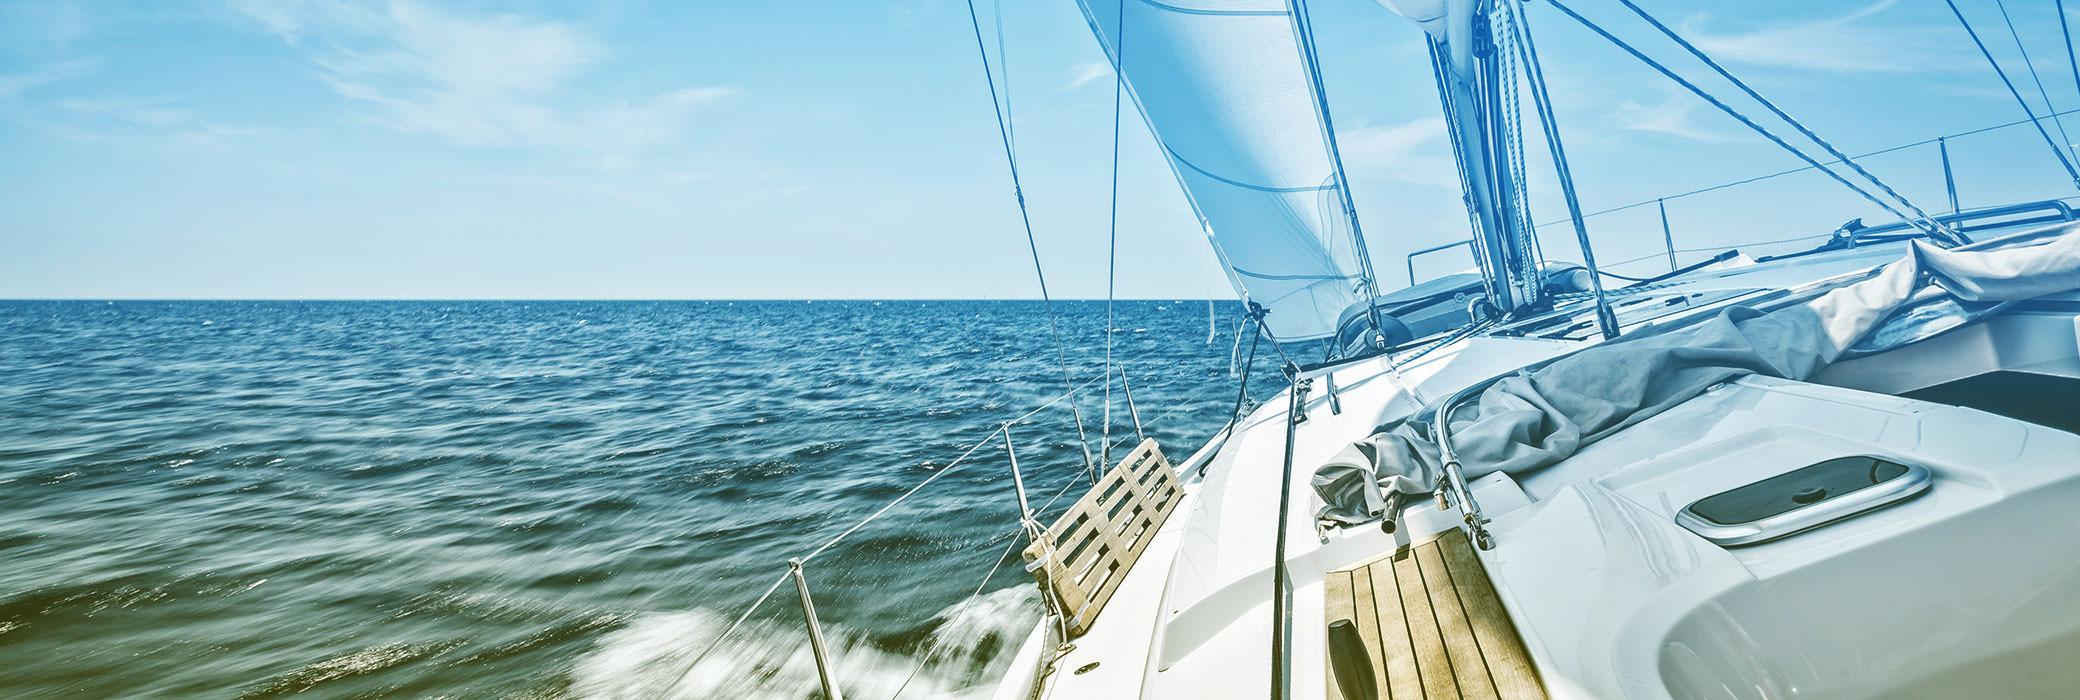 Um barco à vela sobre o mar aberto com céu azul